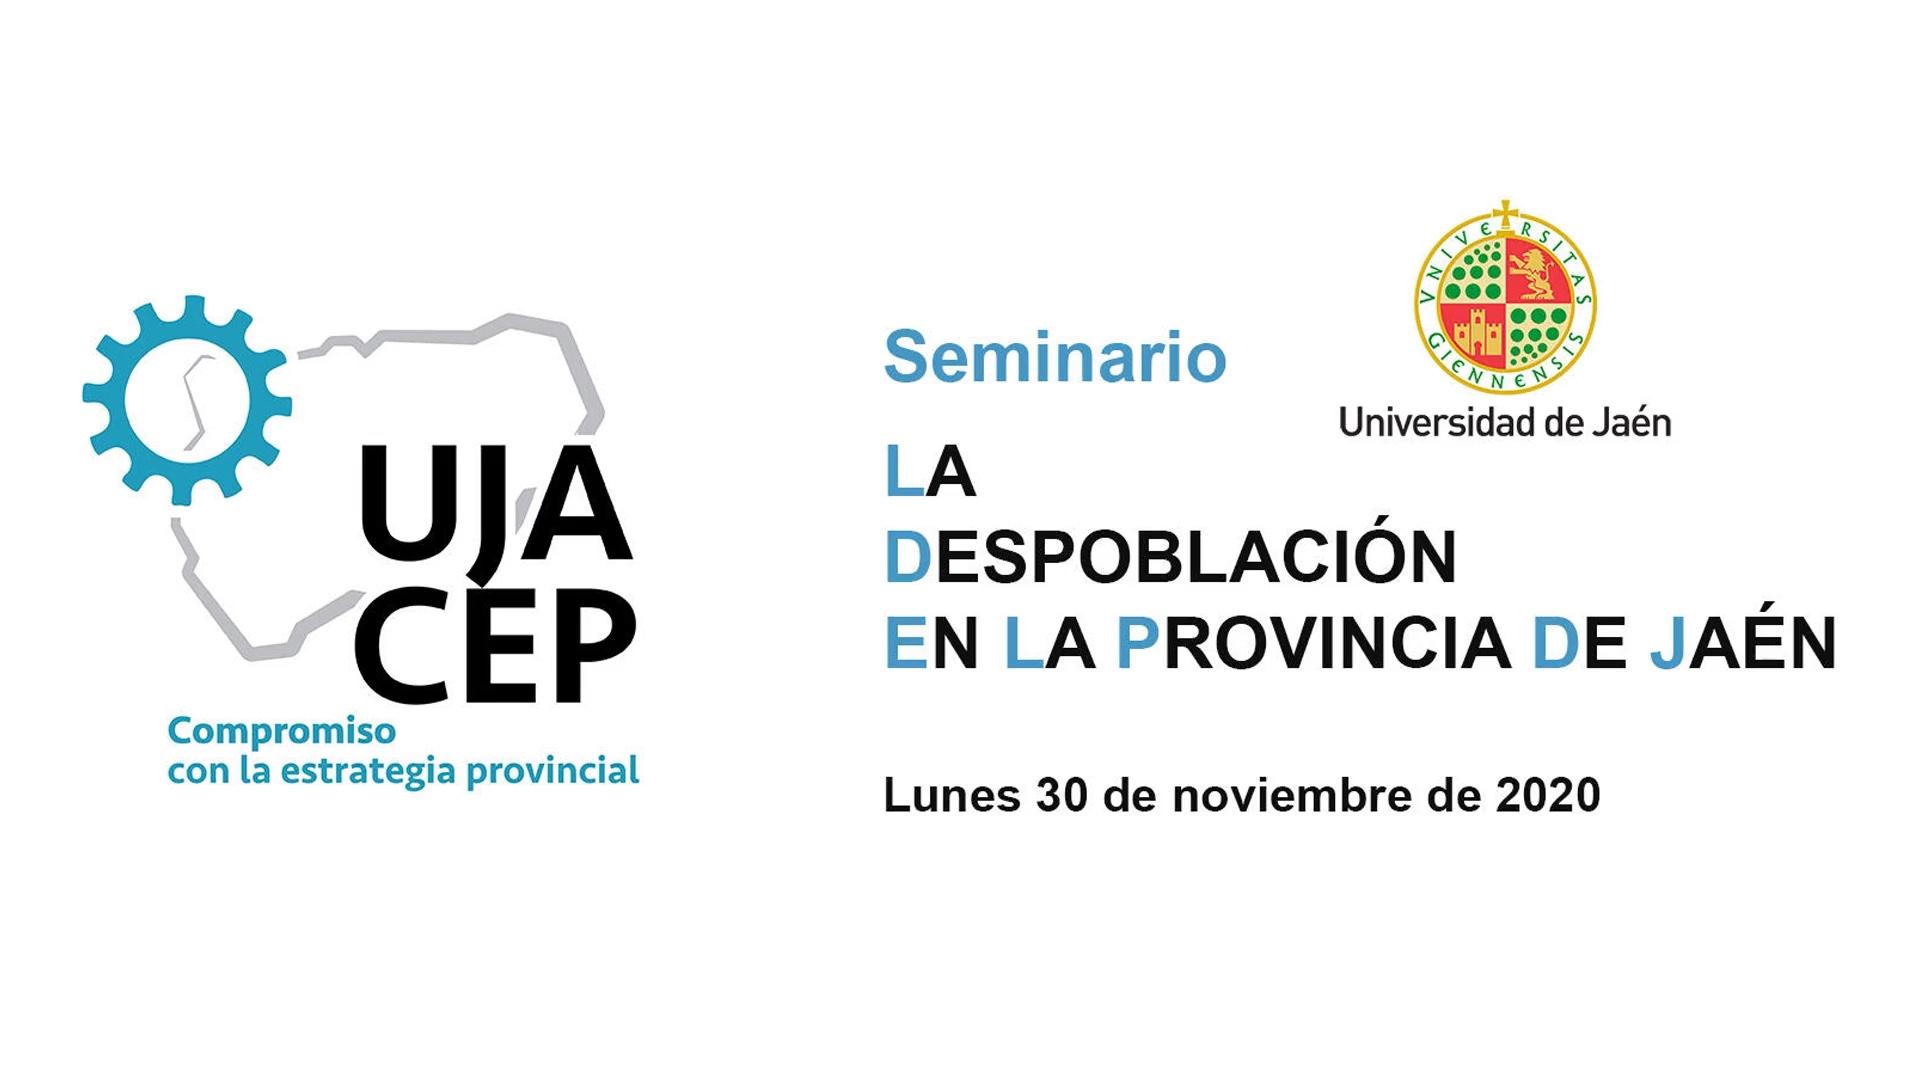 La despoblación en la provincia de Jaén